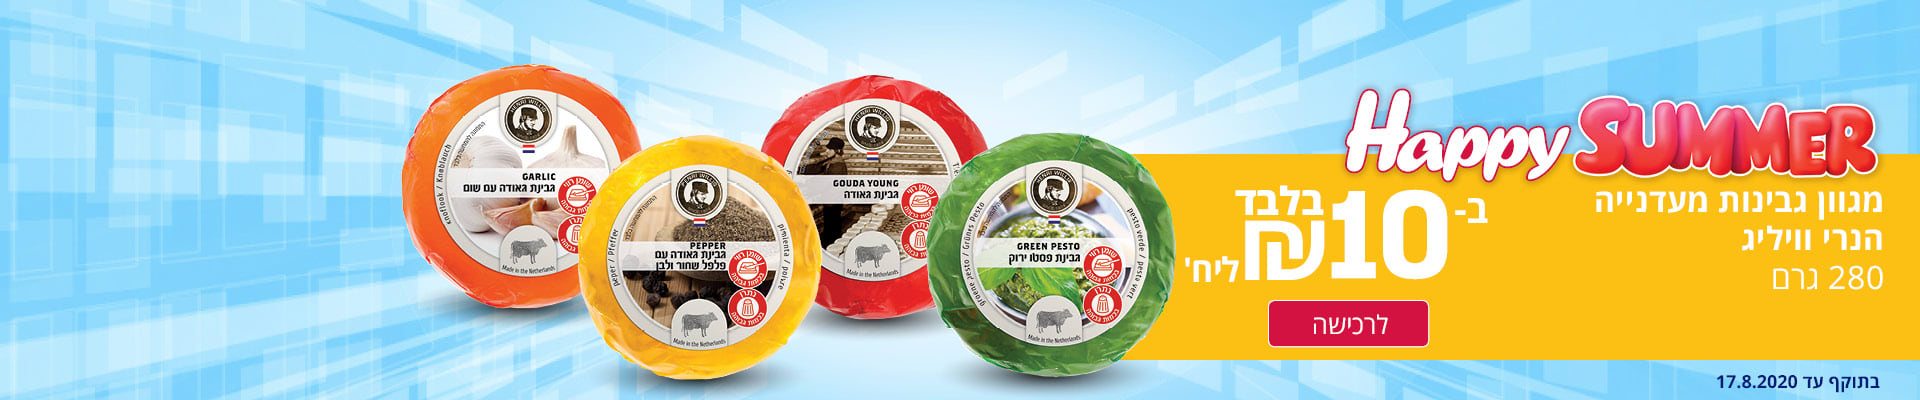 מגוון גבינות מעדנייה הנרי וויליג 280 גרם ב- 10.00 ₪ ליחידה. בתוקף עד 17.8.2020